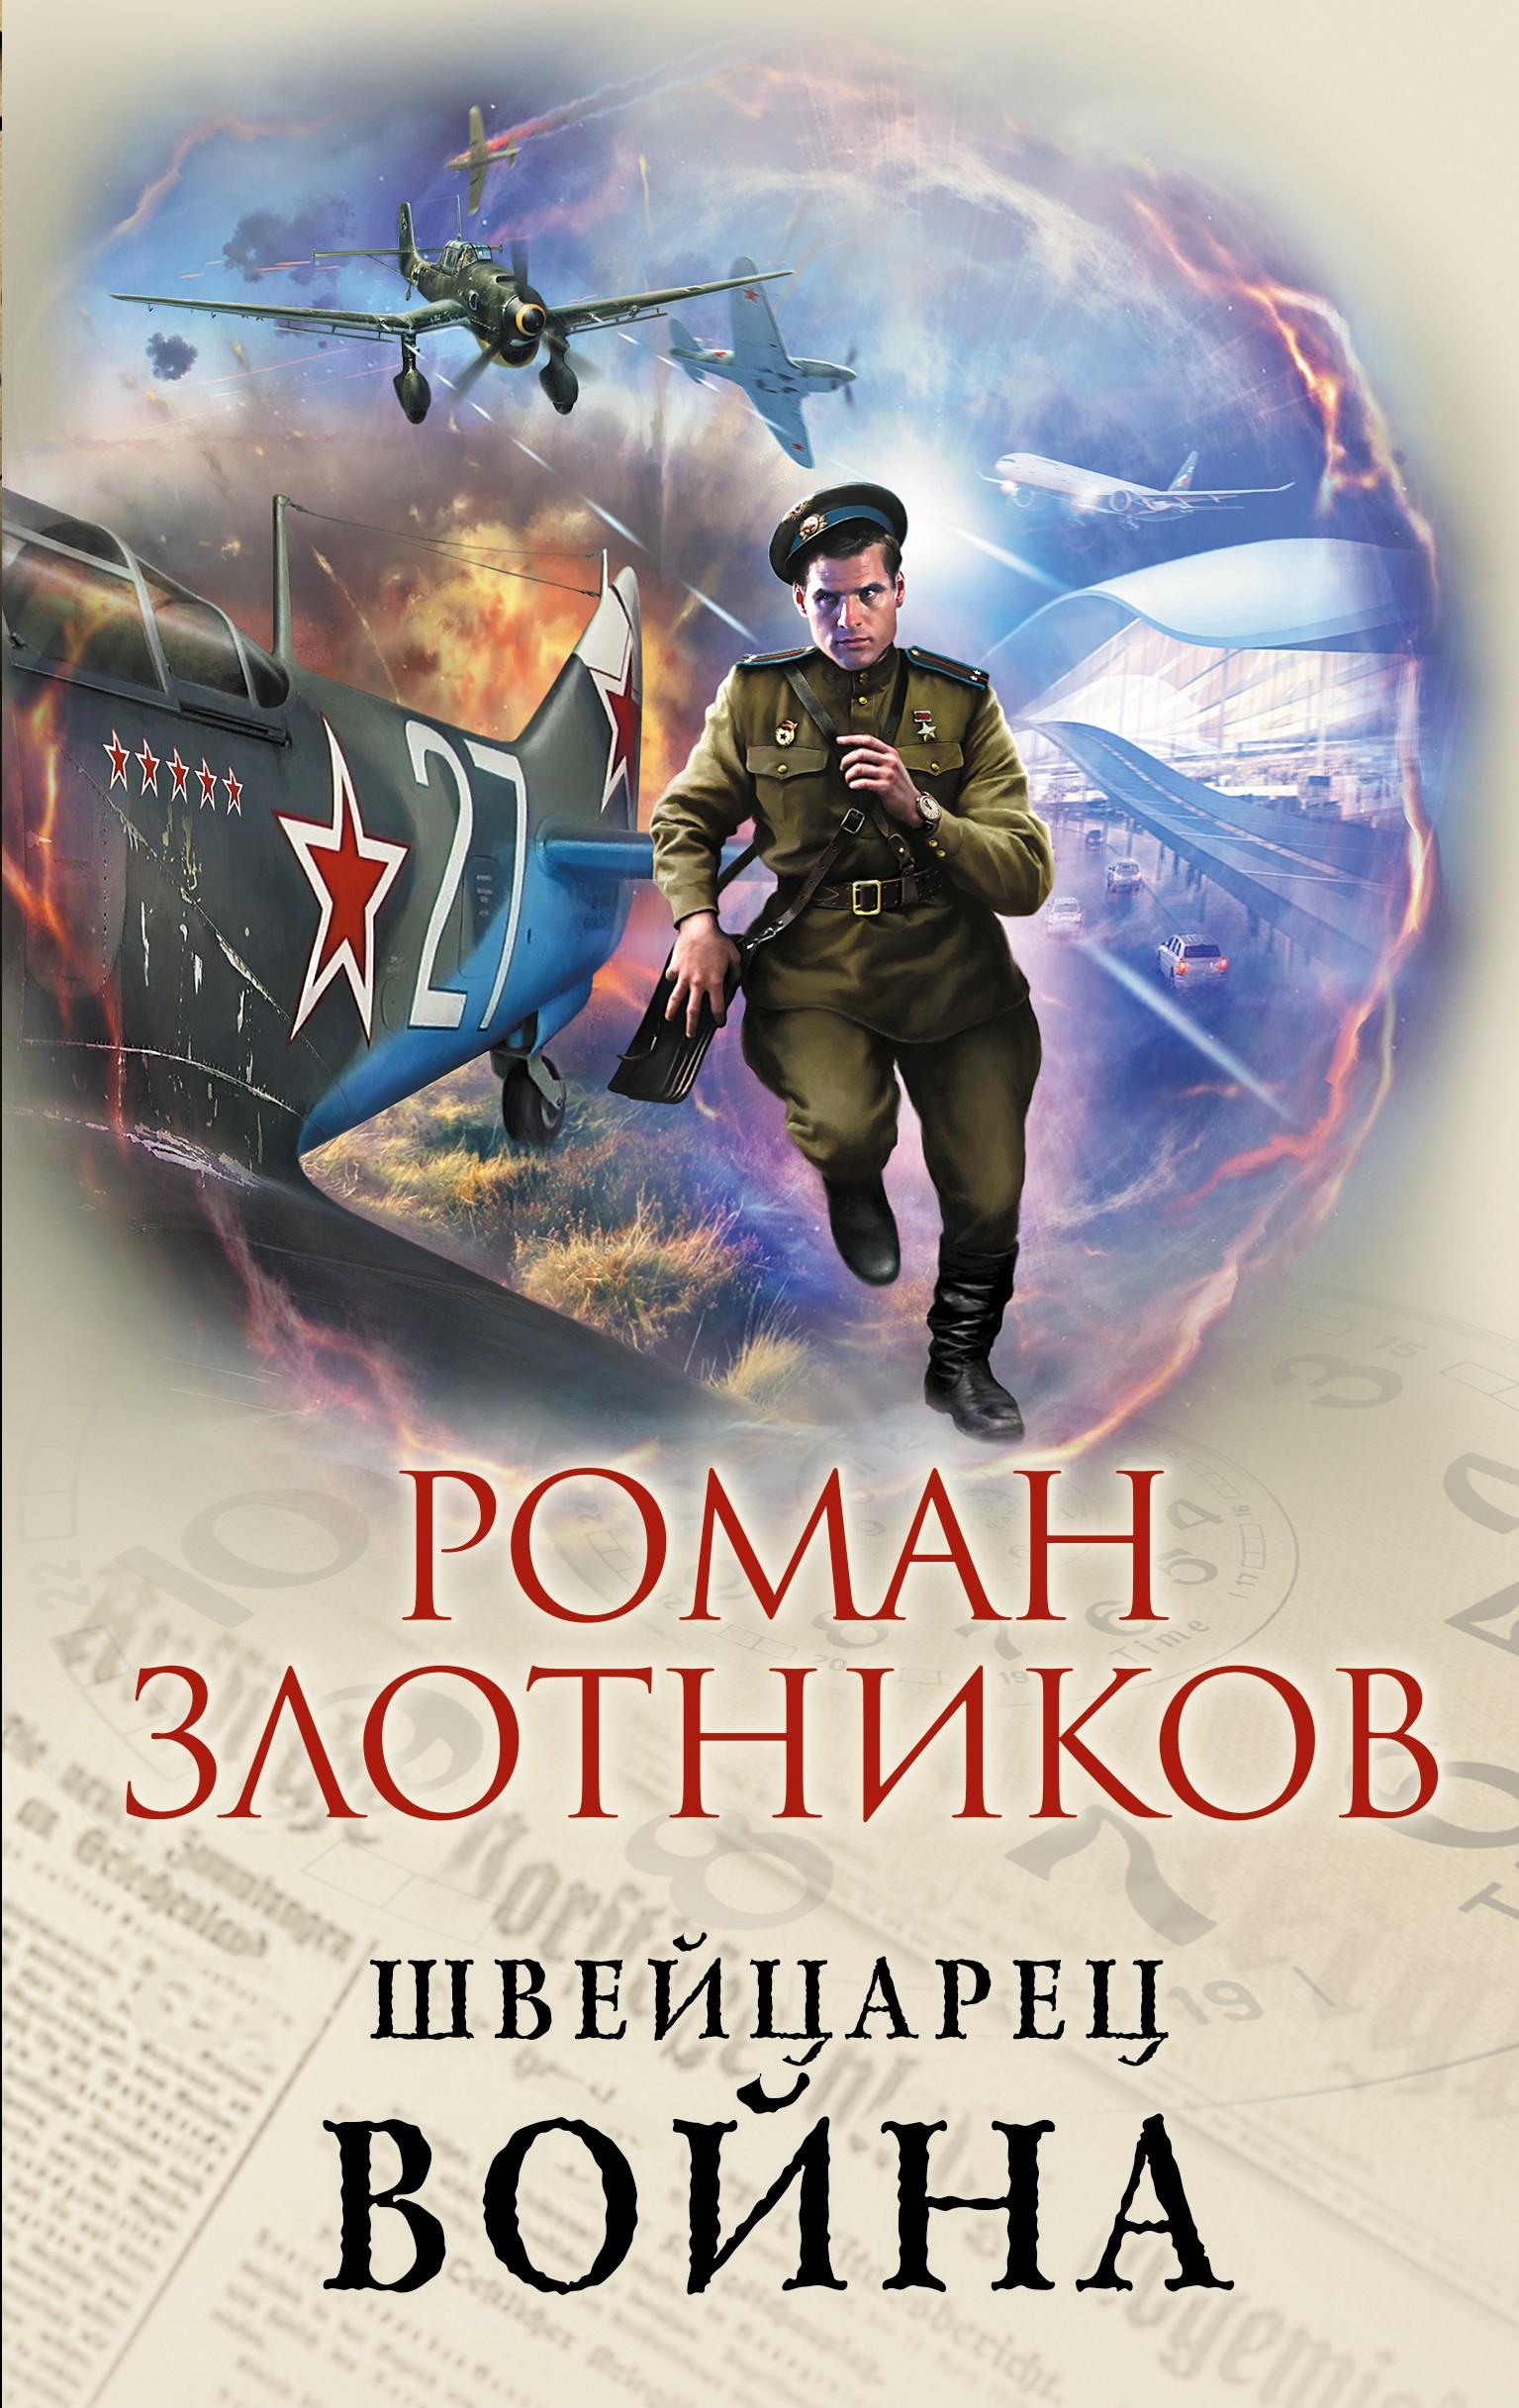 Роман Злотников - Швейцарец. Война